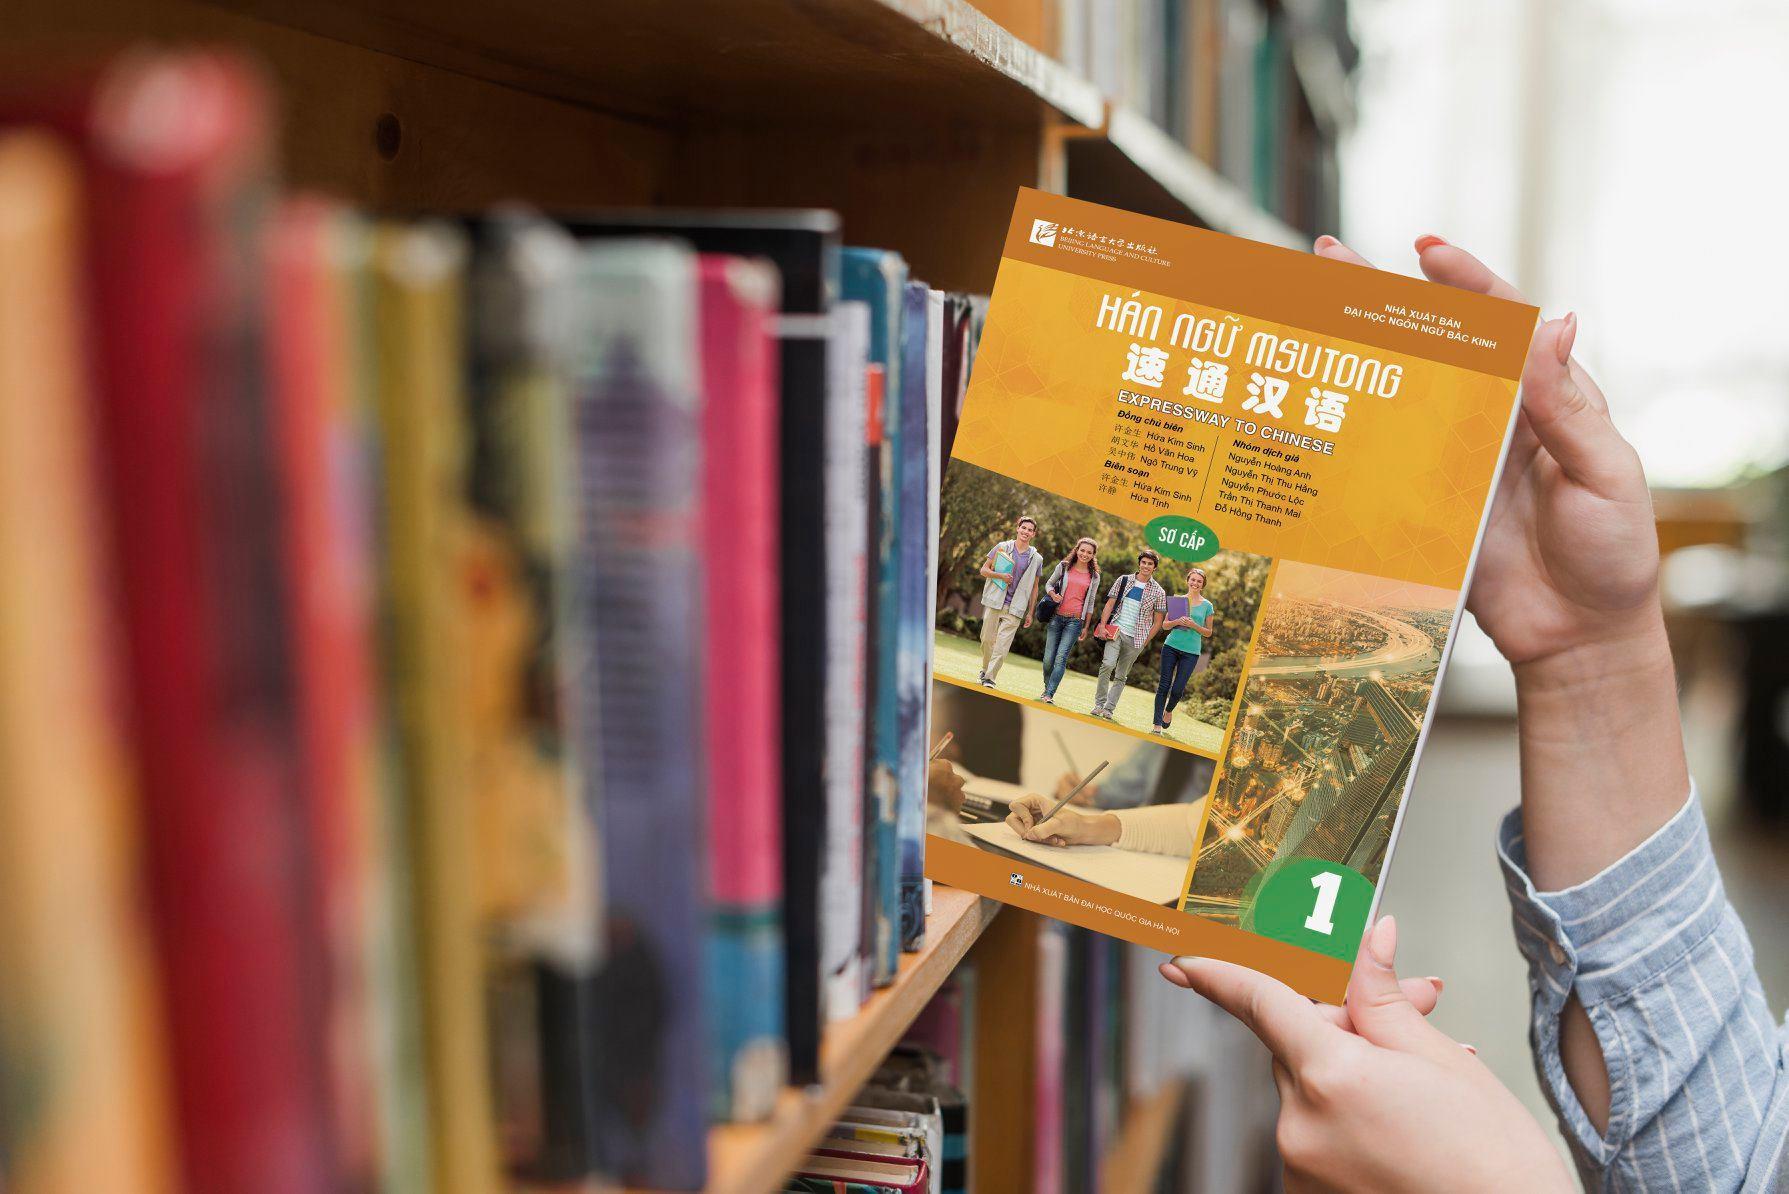 Hình ảnh Mua giáo trình Hán ngữ MSUTONG ở đâu giá tốt? 4